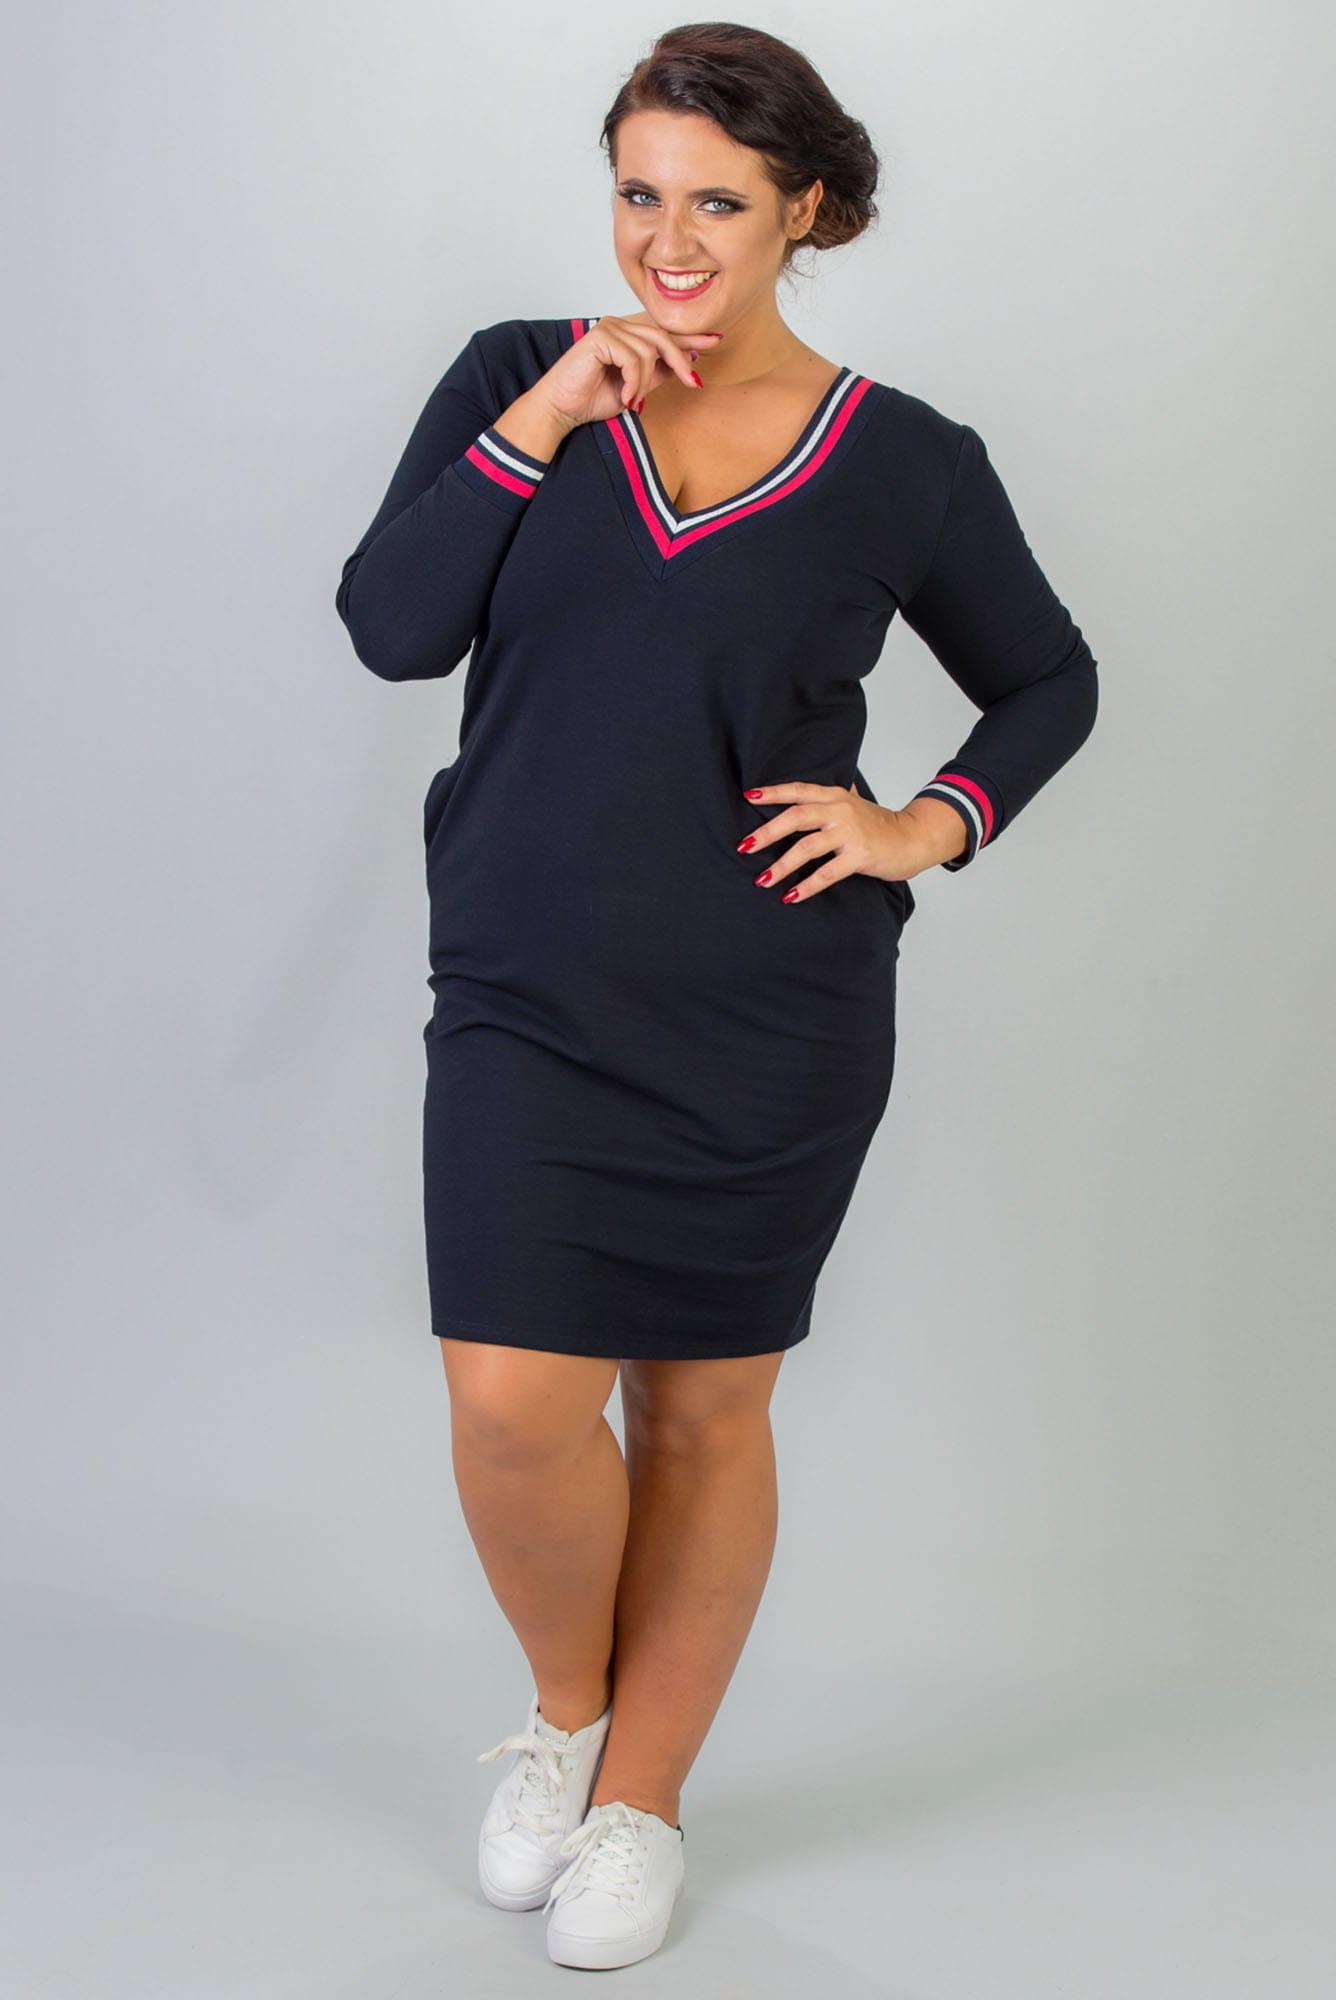 Kleid mit V-Ausschnitt in Marineblau geneigte Vorderansicht